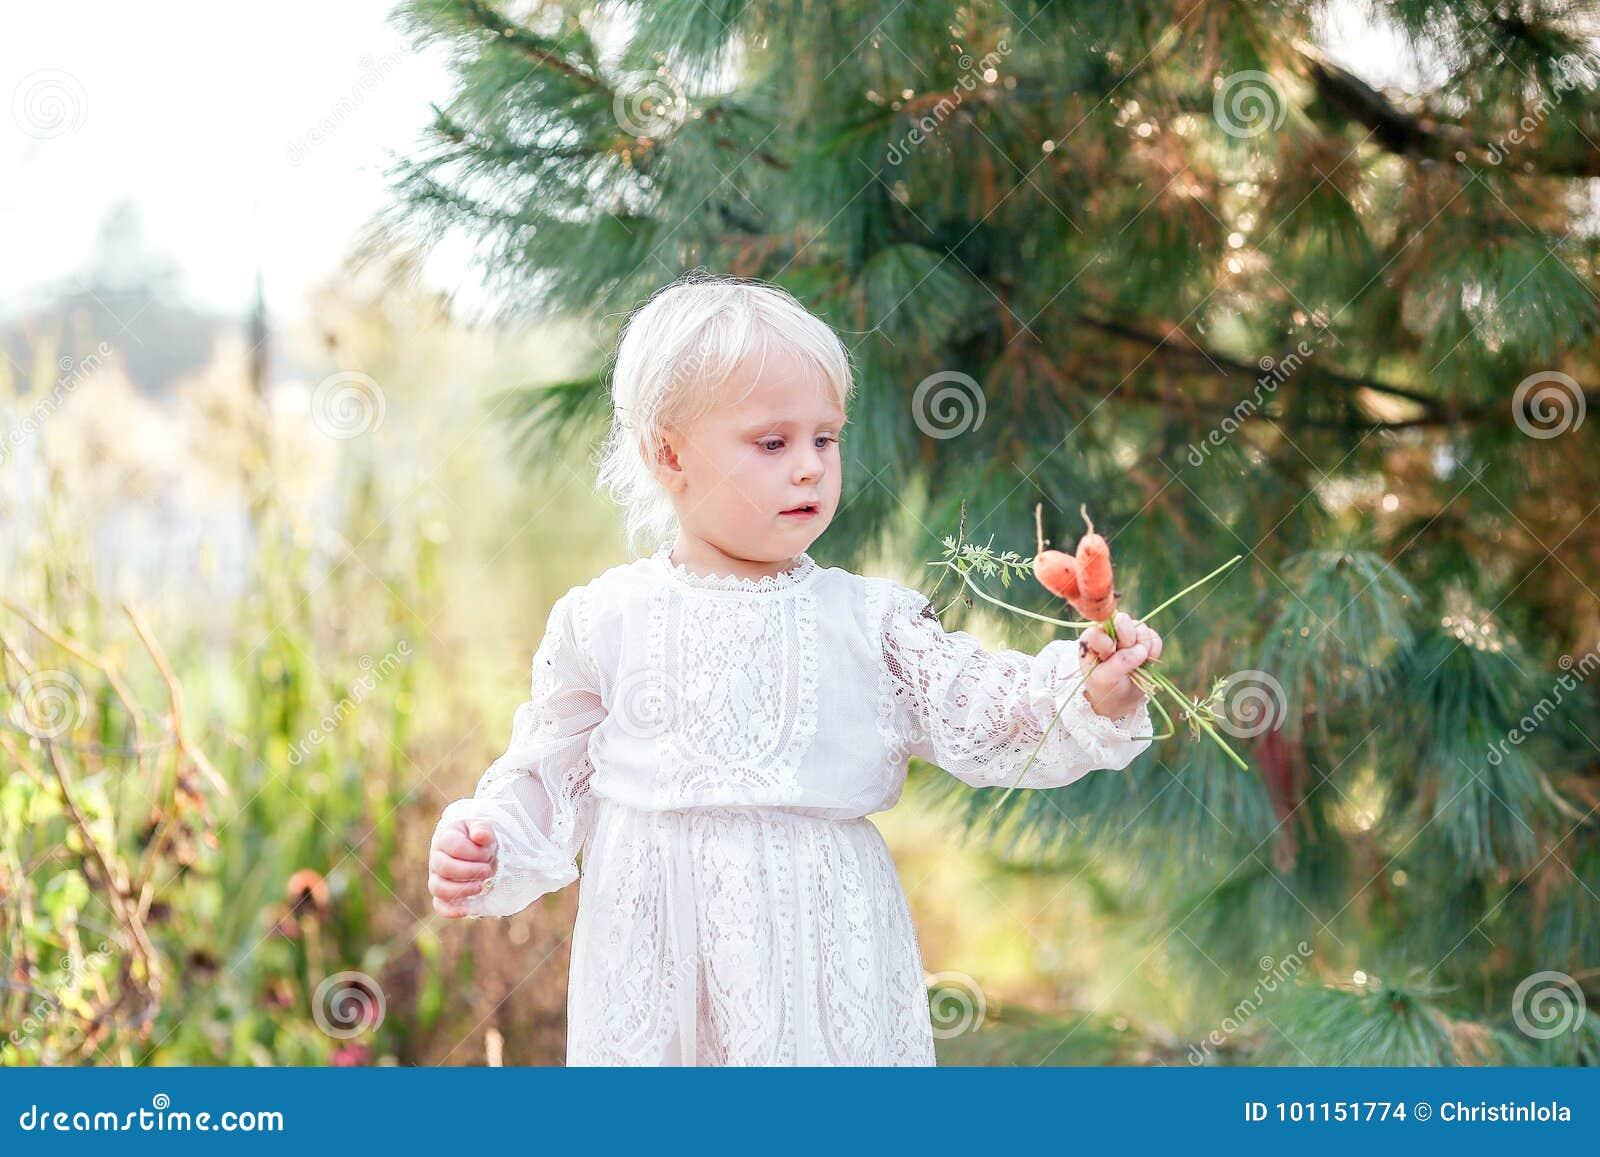 d229f71939 Un pequeño niño de 2 años lindo de la muchacha está sosteniendo zanahorias  frescas que ella acaba de cosechar de su huerto del verano del patio trasero